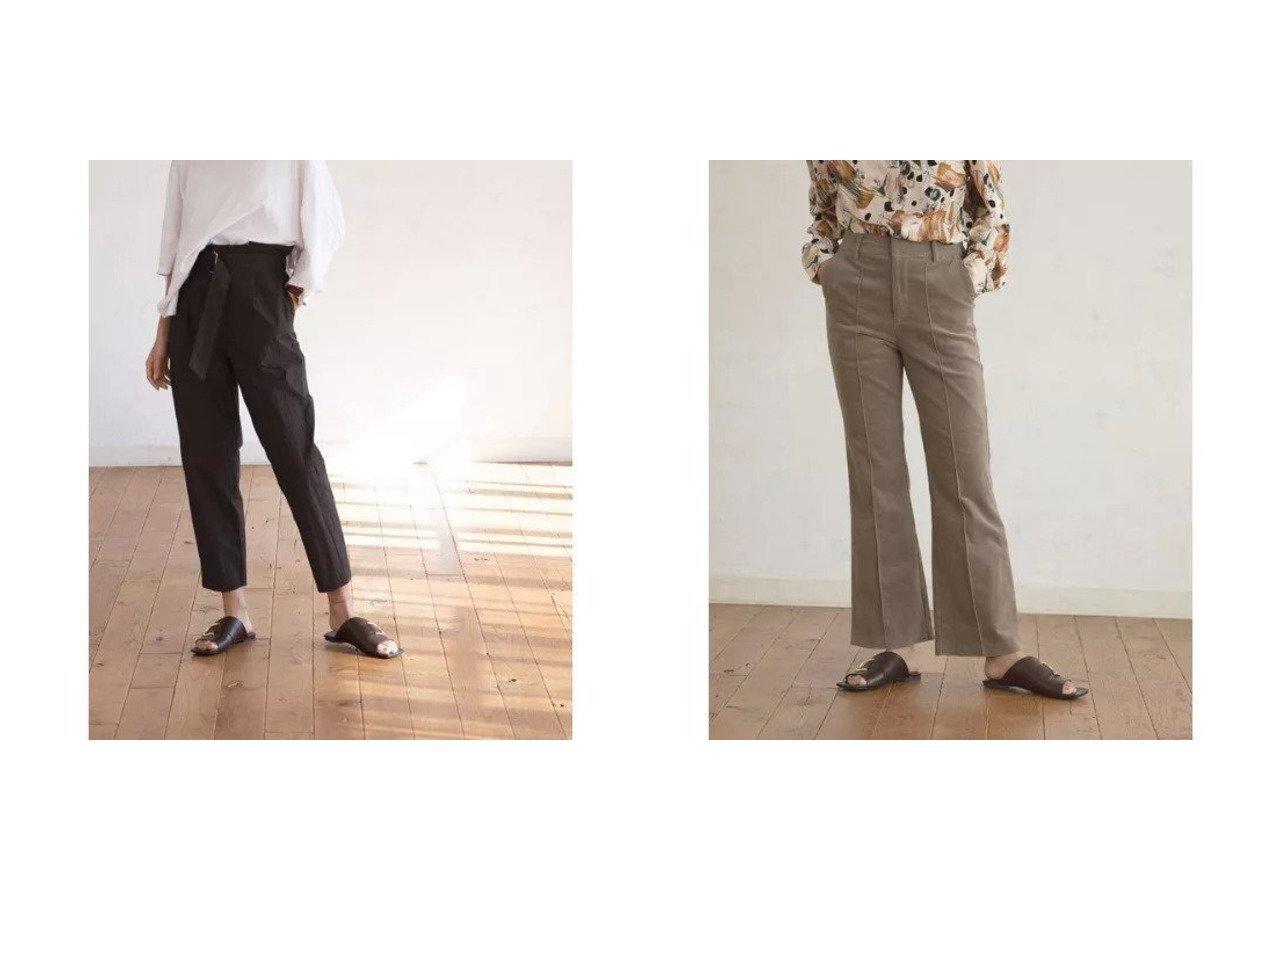 【marjour/マージュール】のWASHER BELT PANTS&STRETCH CORDED PANTS パンツのおすすめ!人気、トレンド・レディースファッションの通販 おすすめで人気の流行・トレンド、ファッションの通販商品 メンズファッション・キッズファッション・インテリア・家具・レディースファッション・服の通販 founy(ファニー) https://founy.com/ ファッション Fashion レディースファッション WOMEN パンツ Pants ダウン ワッシャー コーデュロイ サンダル ストレッチ センター フィット フレア ルーズ ワイド 冬 Winter 春 Spring |ID:crp329100000022374